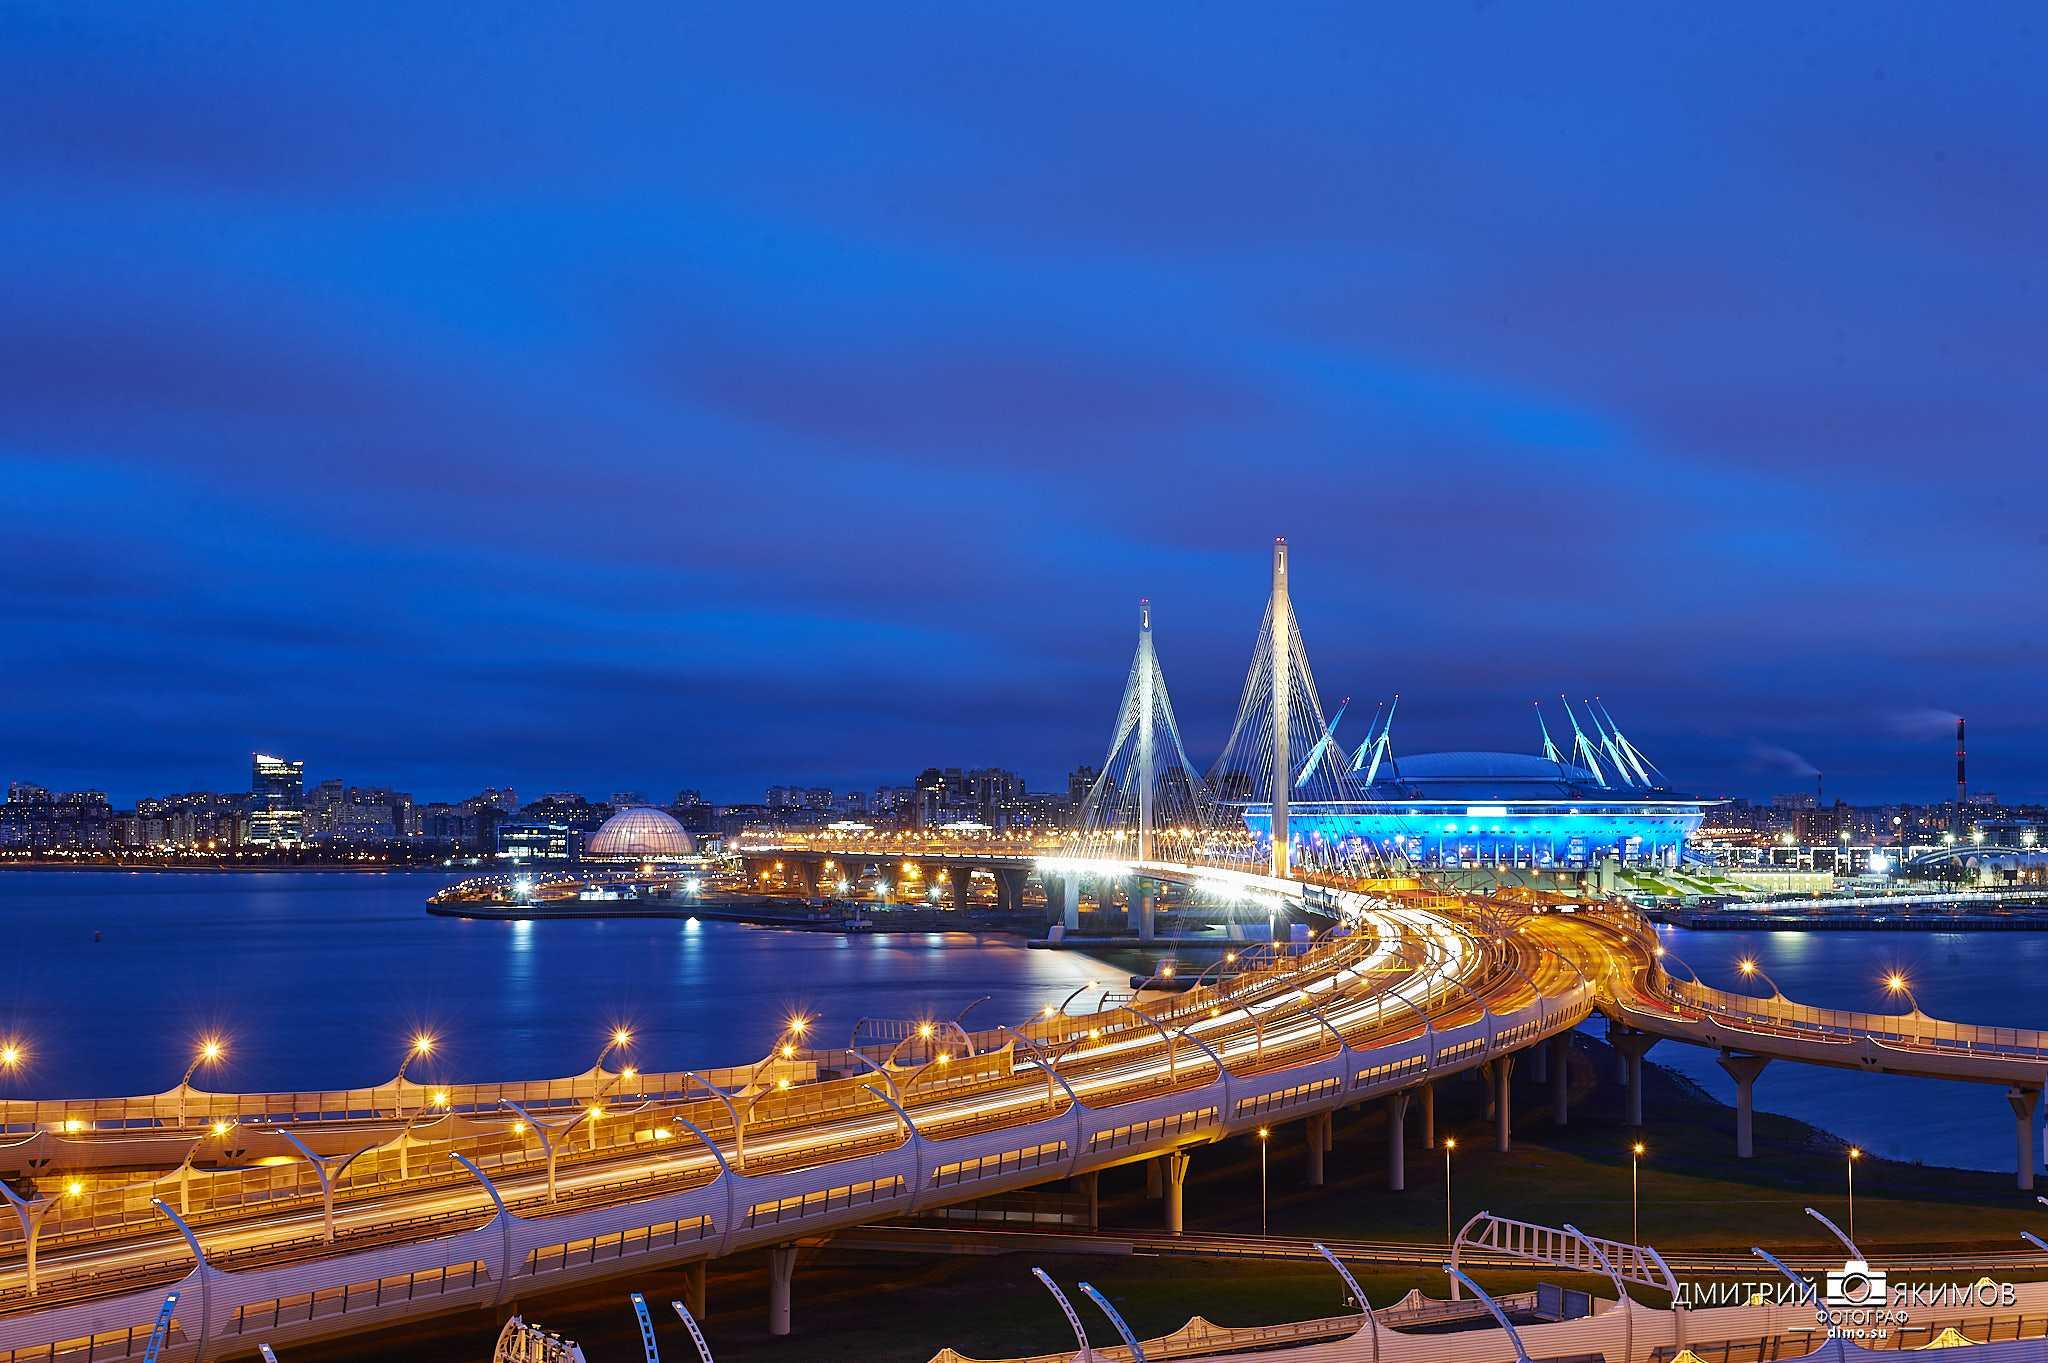 Великолепный новый ночной Петербург, стадион Газпром-арена